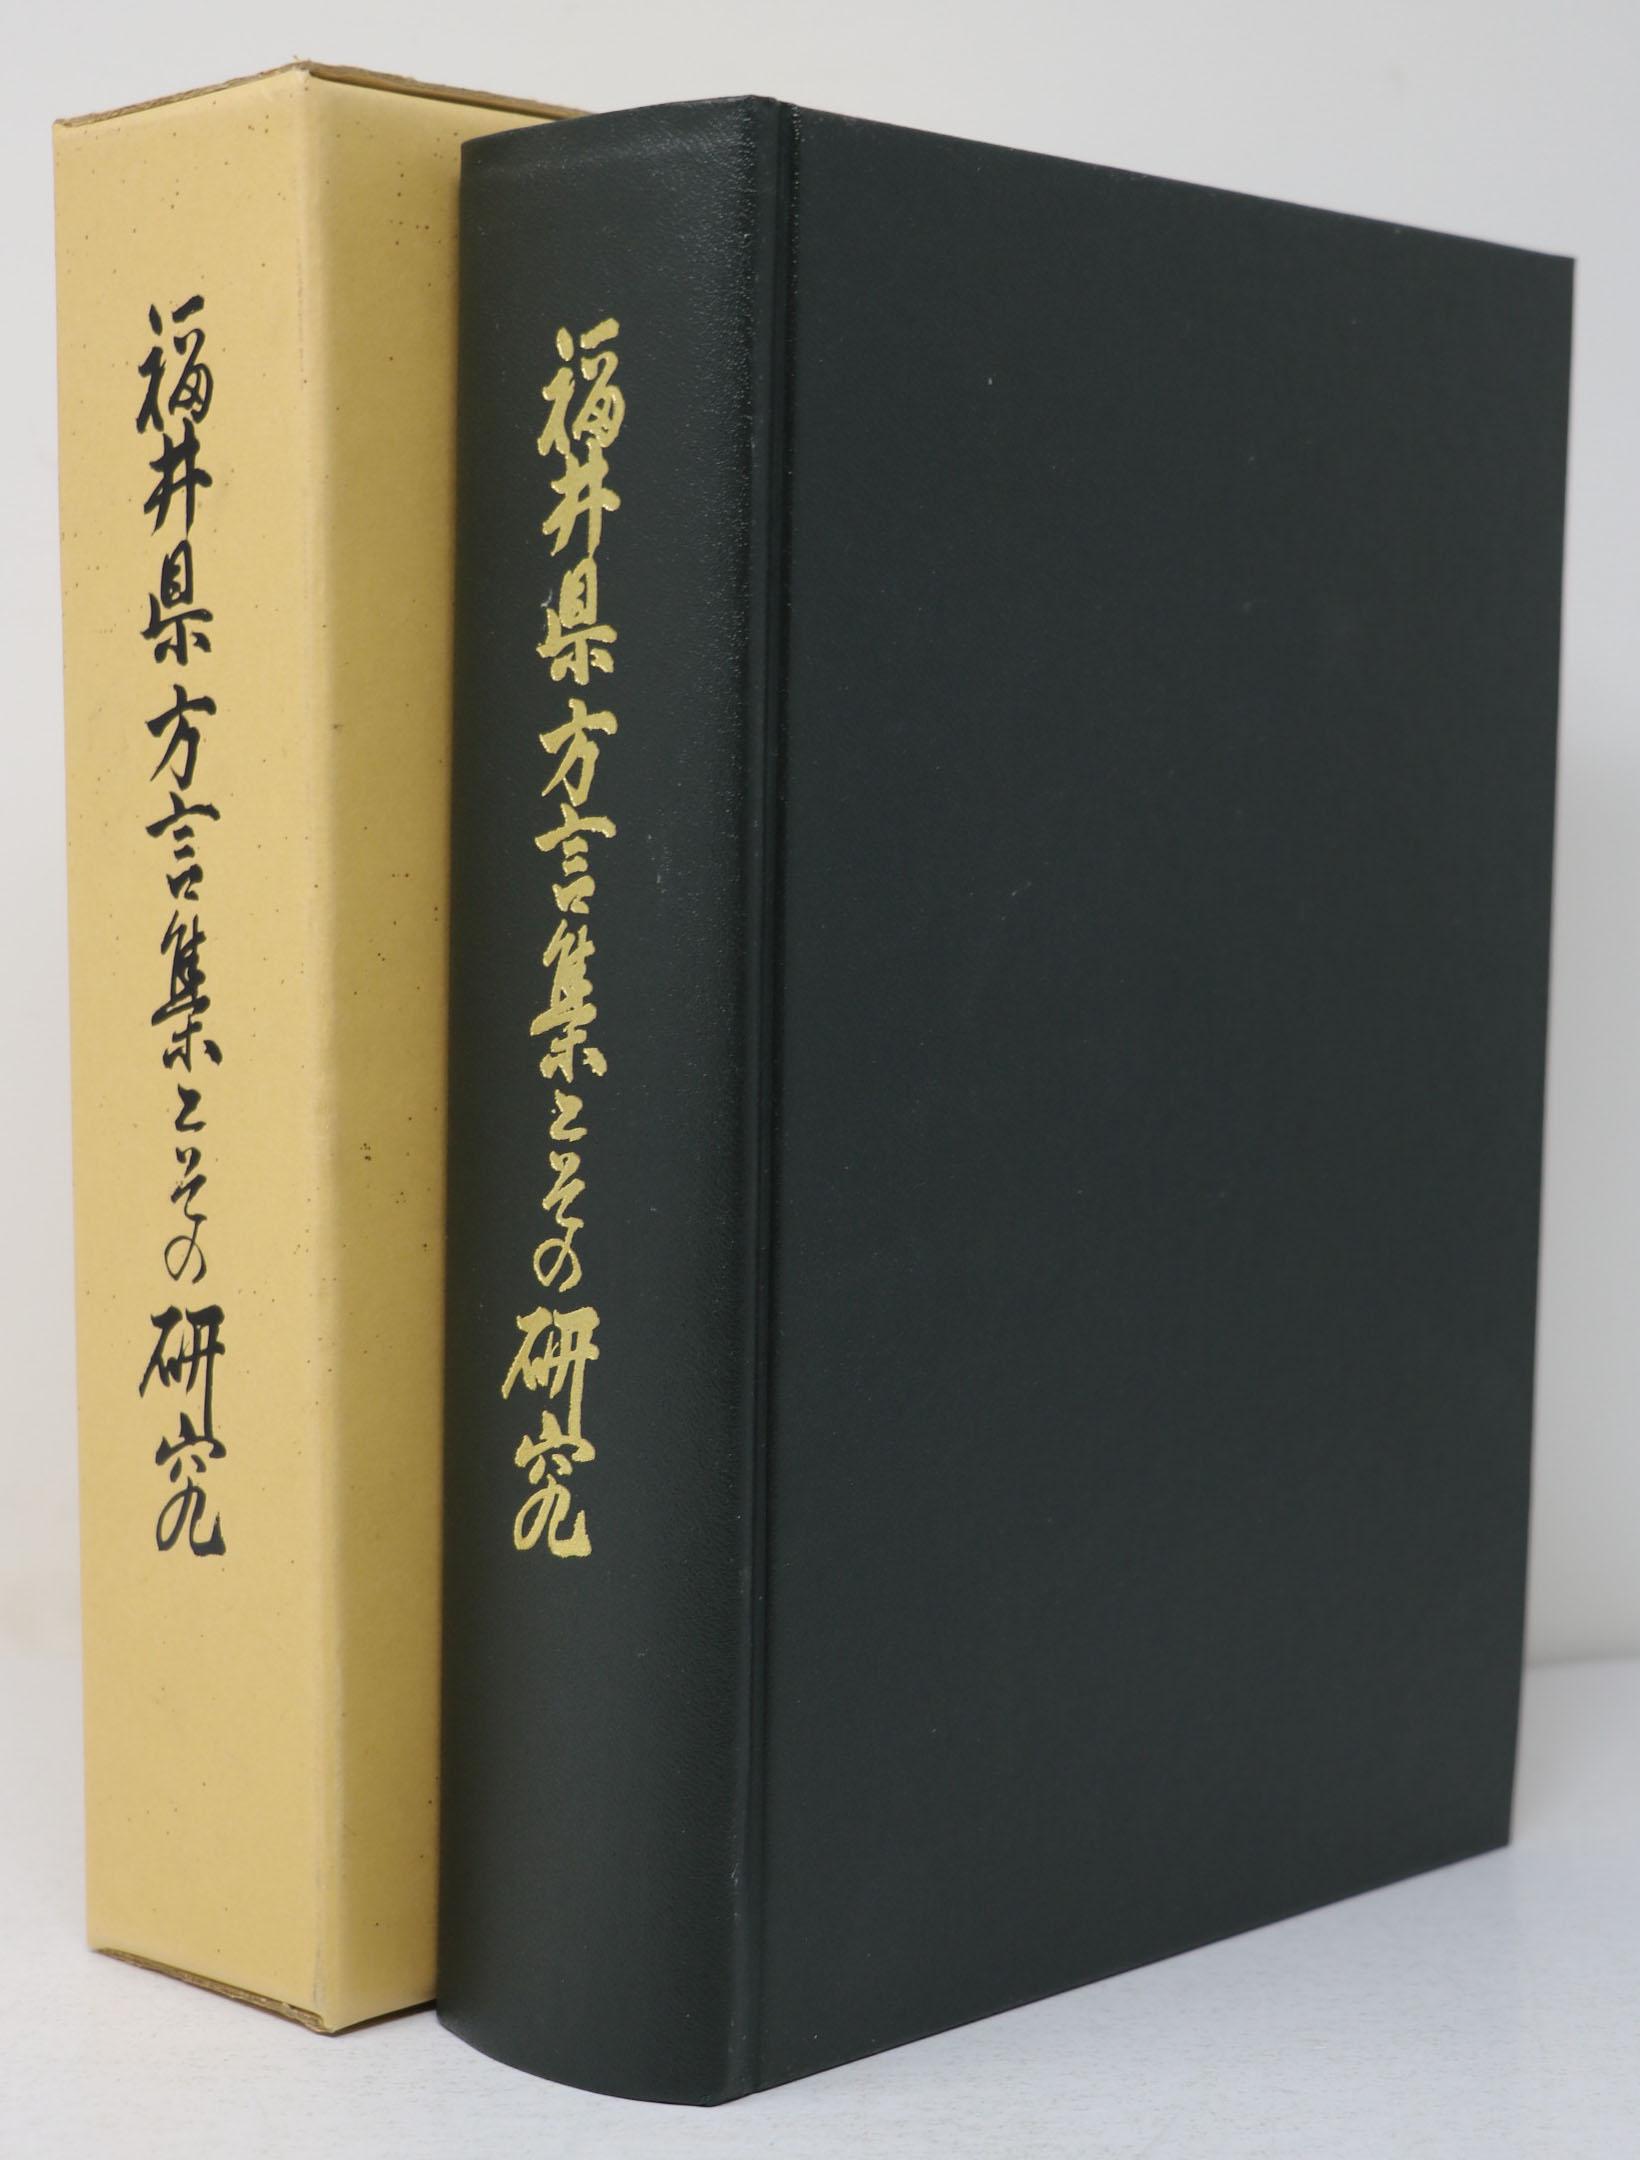 福井県方言集とその研究